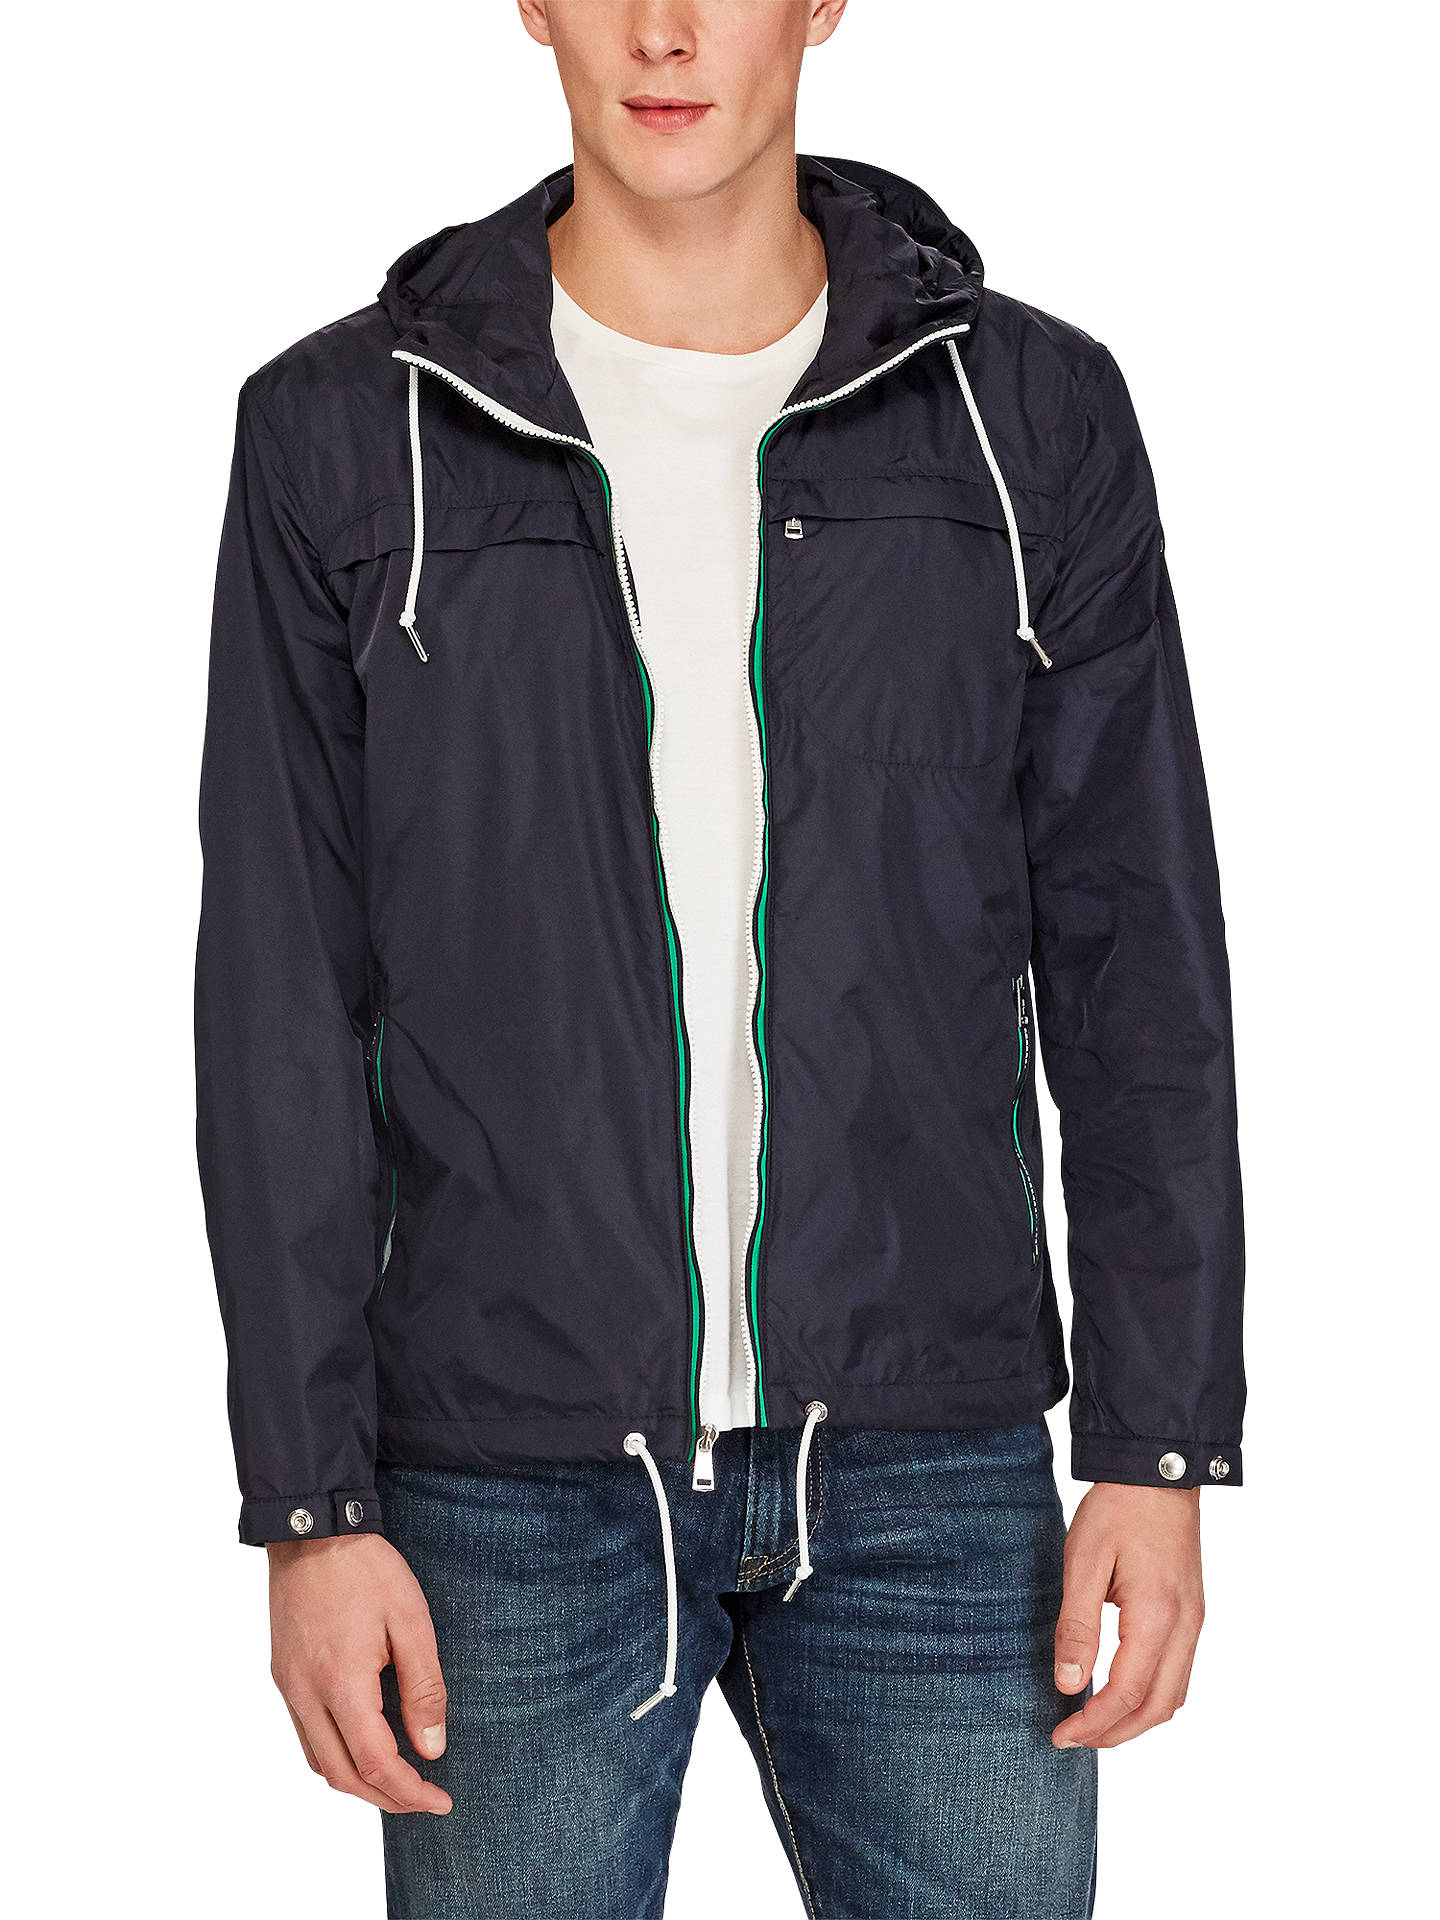 BuyPolo Ralph Lauren Anorak Lined Jacket 76988684766d8